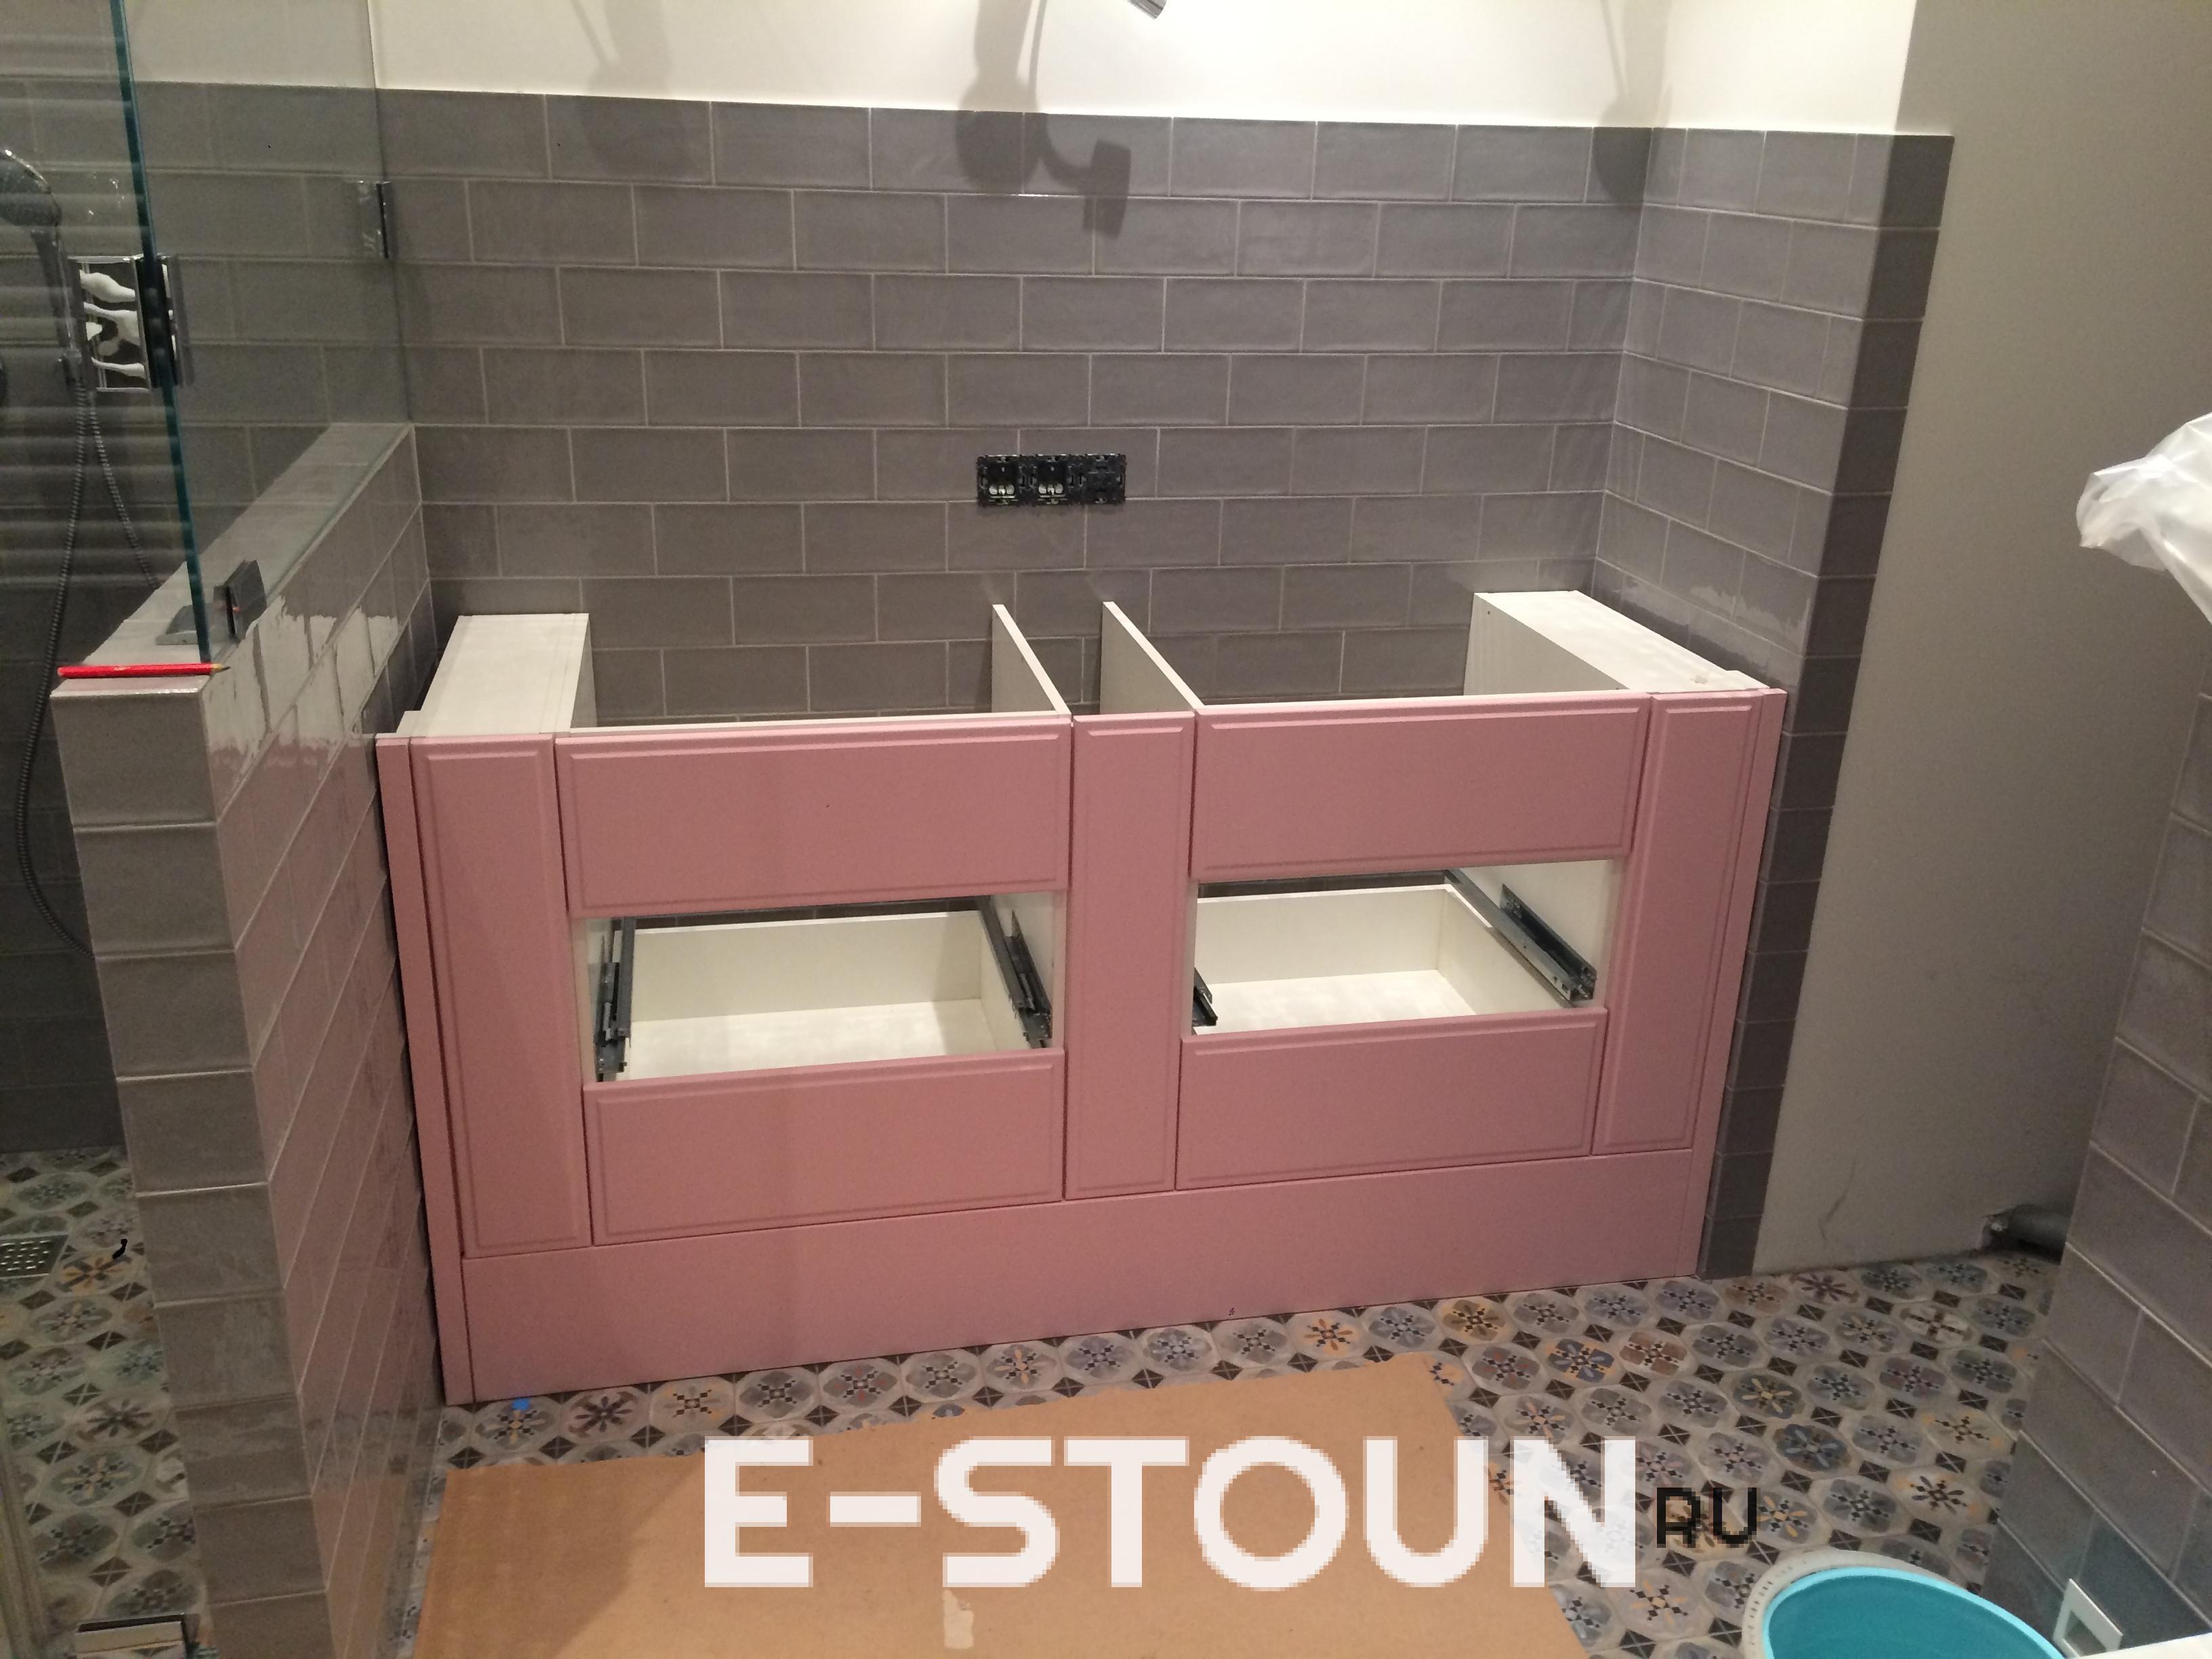 Столешница из кварцевого камня Technistone Areti Bianco на тумбочке розового цвета